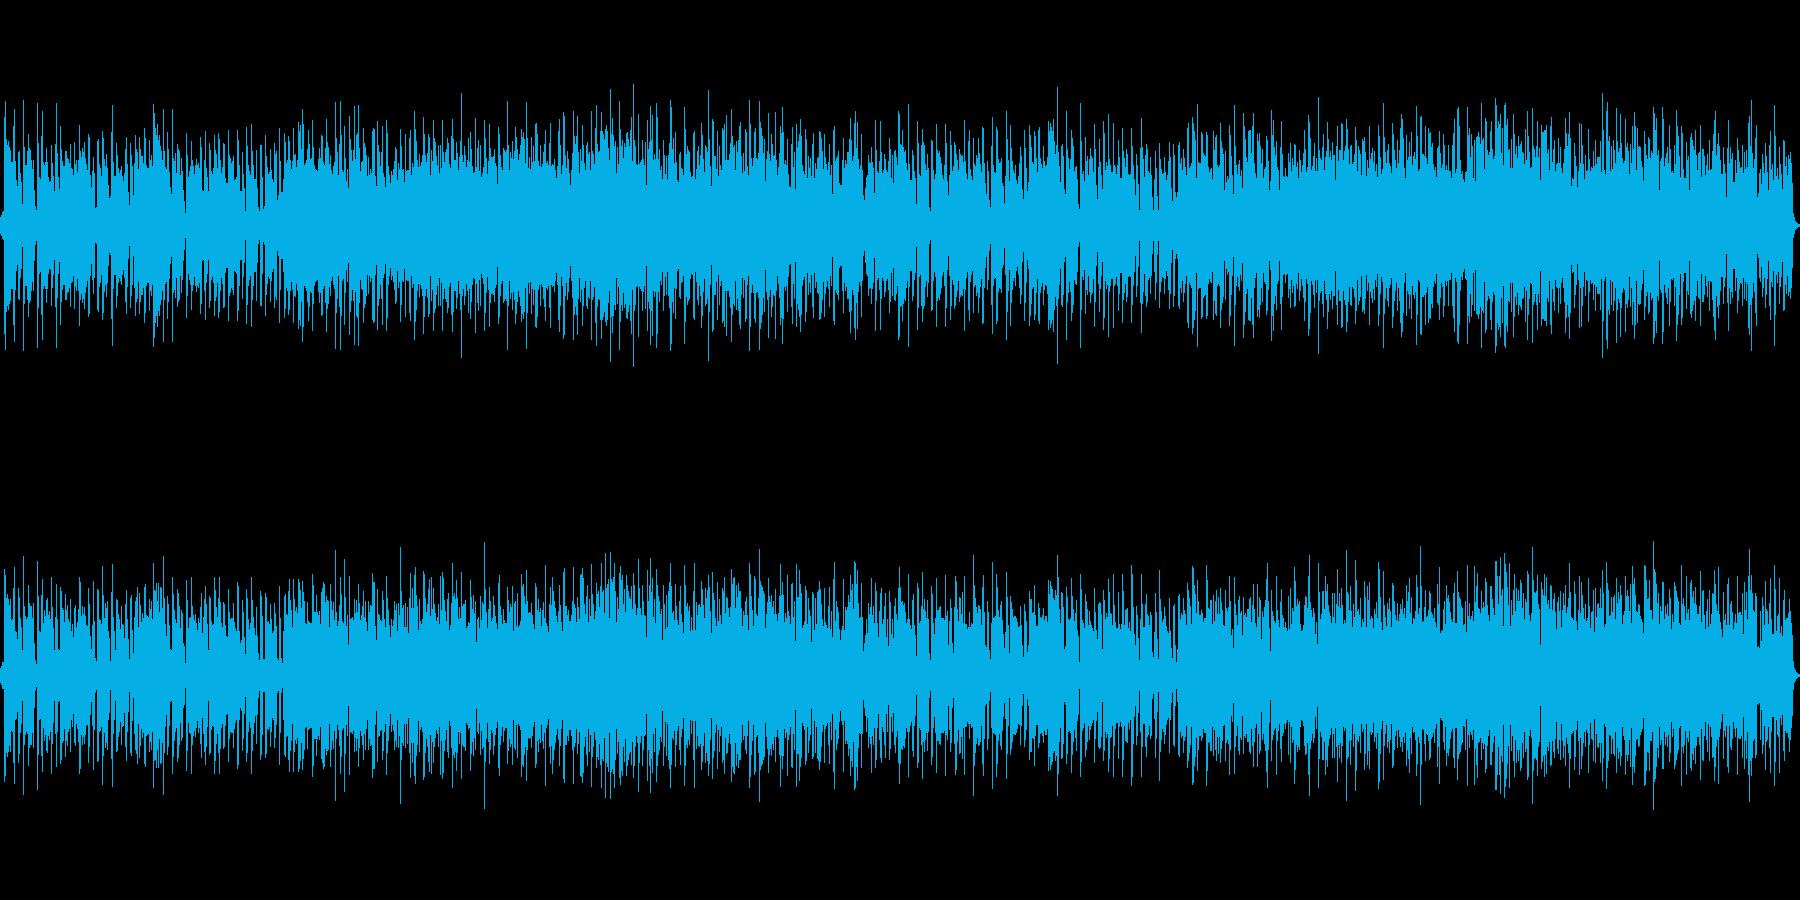 ブラジル風軽快でおしゃれボサノバBGMの再生済みの波形